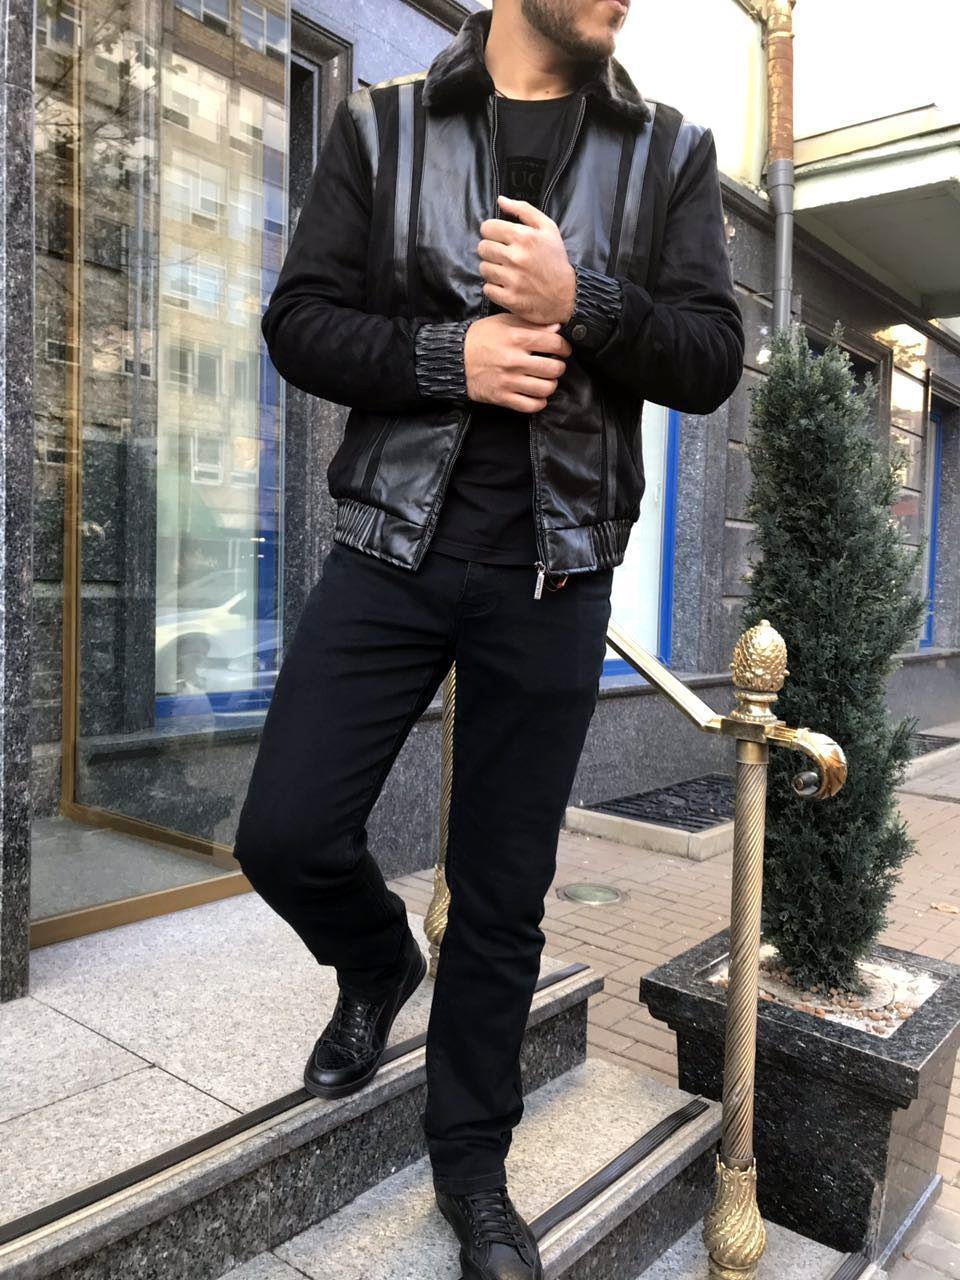 Мужская куртка осень-зима STEFANO RICCI с,м,л,хл Качество на высшем уровне, тинсулейт, до -10. Мех отстежной